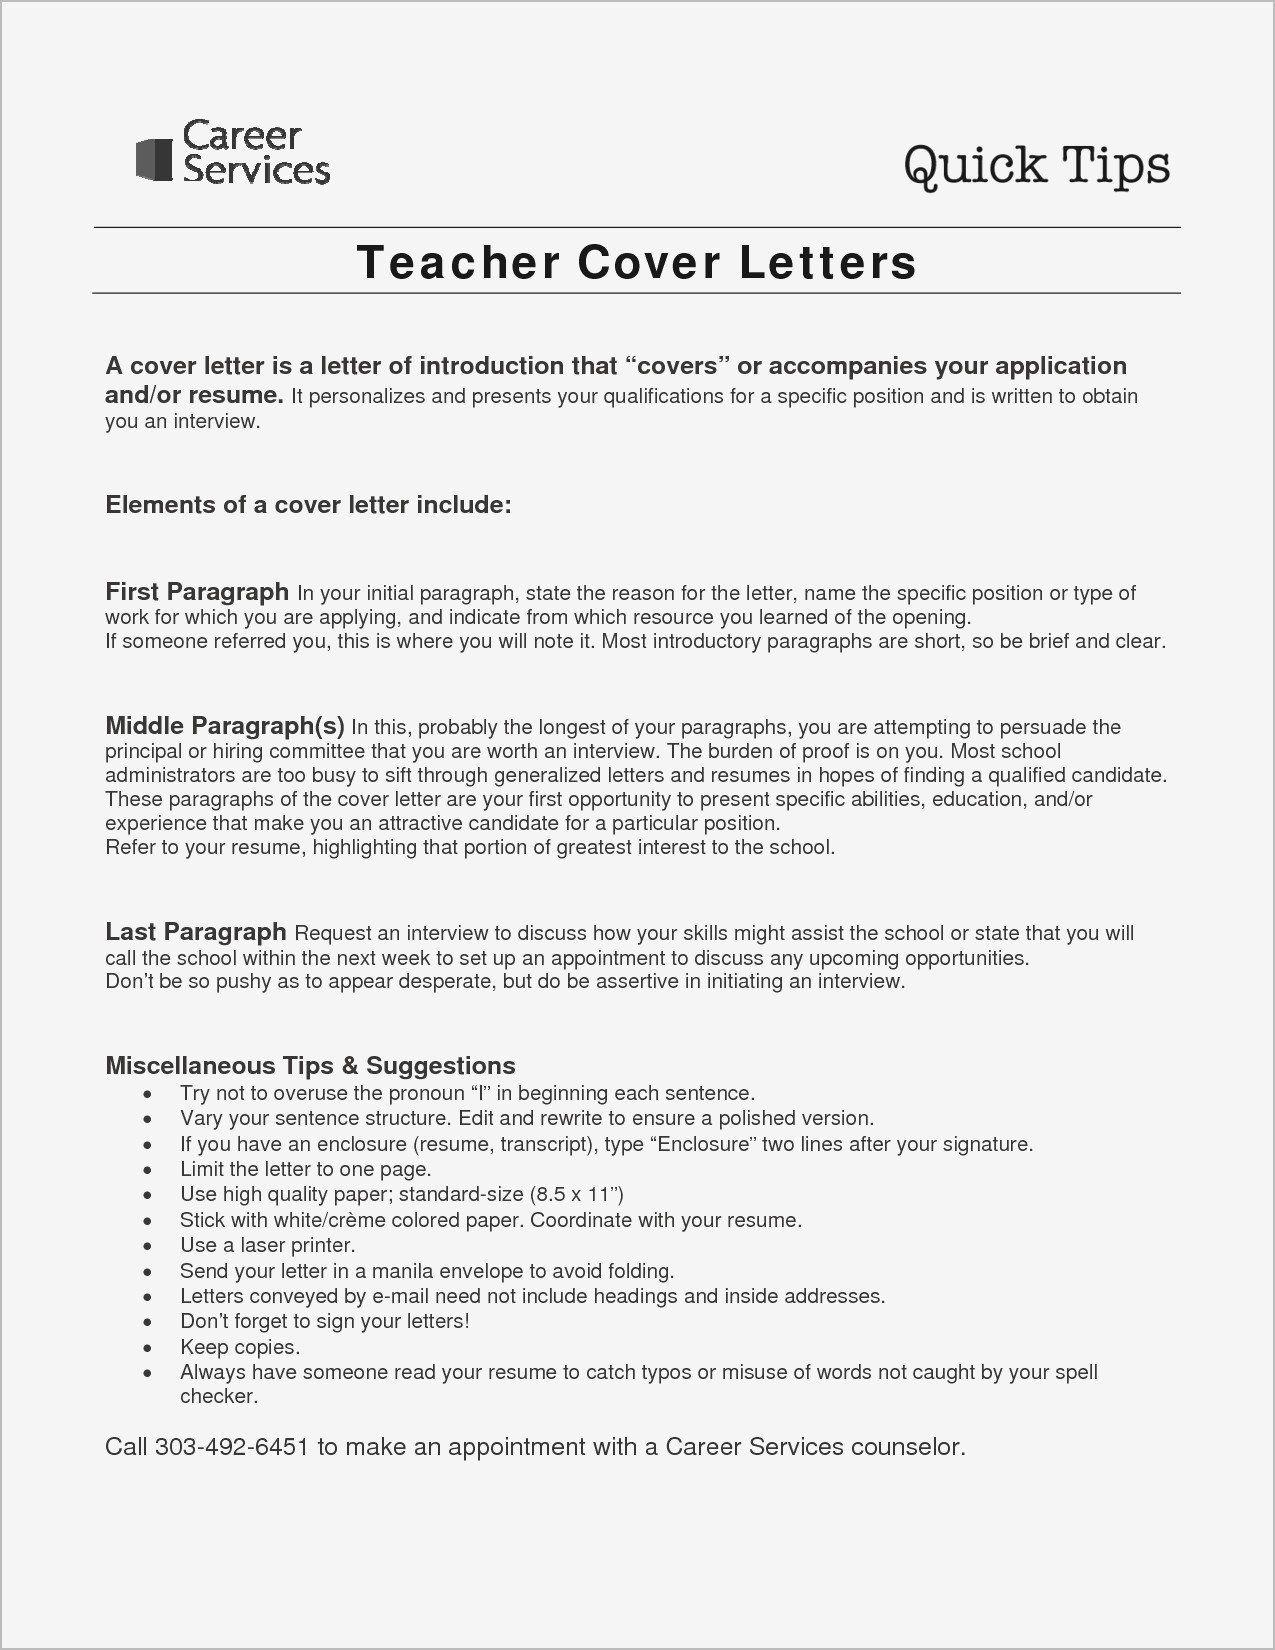 Free Resume Builder Reddit Fresh Resume Templates That Are Really Free Cool Stock Balan In 2020 Teacher Cover Letter Example Teaching Cover Letter Cover Letter Teacher